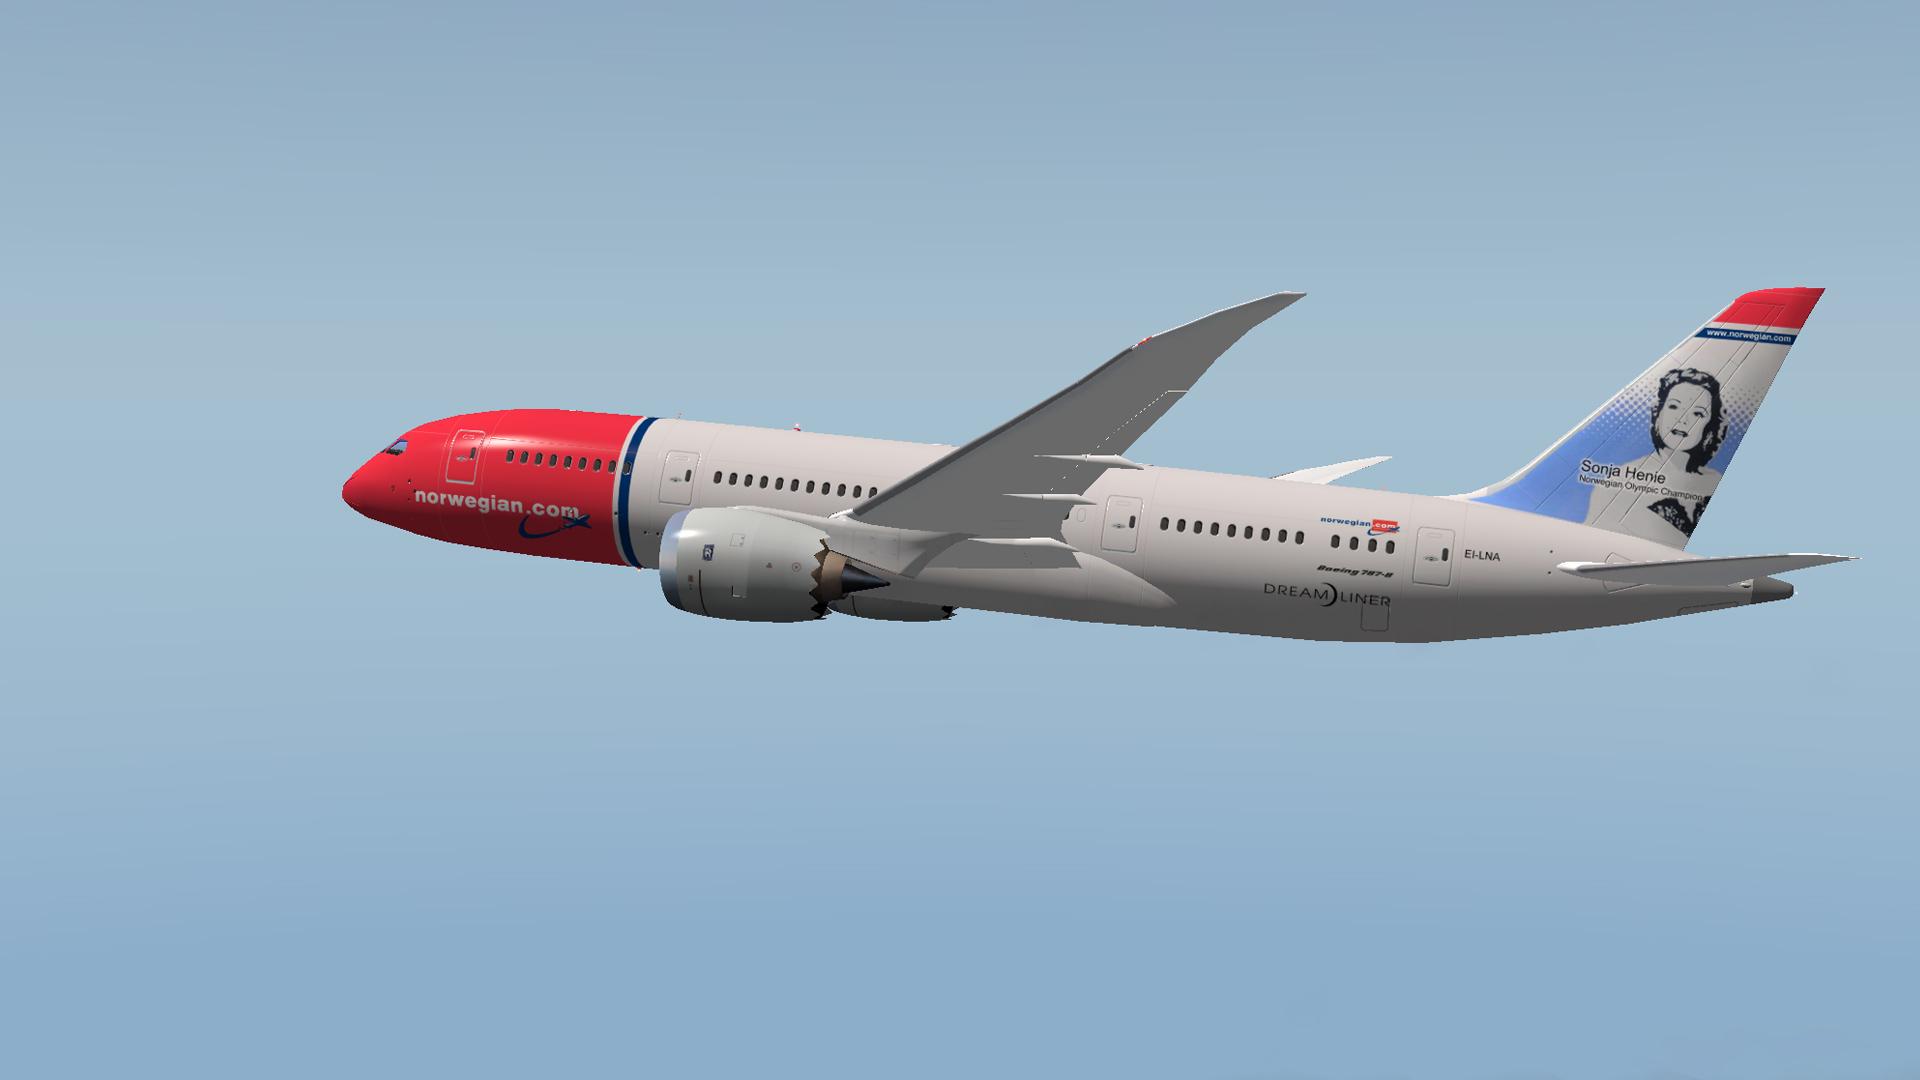 Norwegianin Boeing 787 Dreamliner